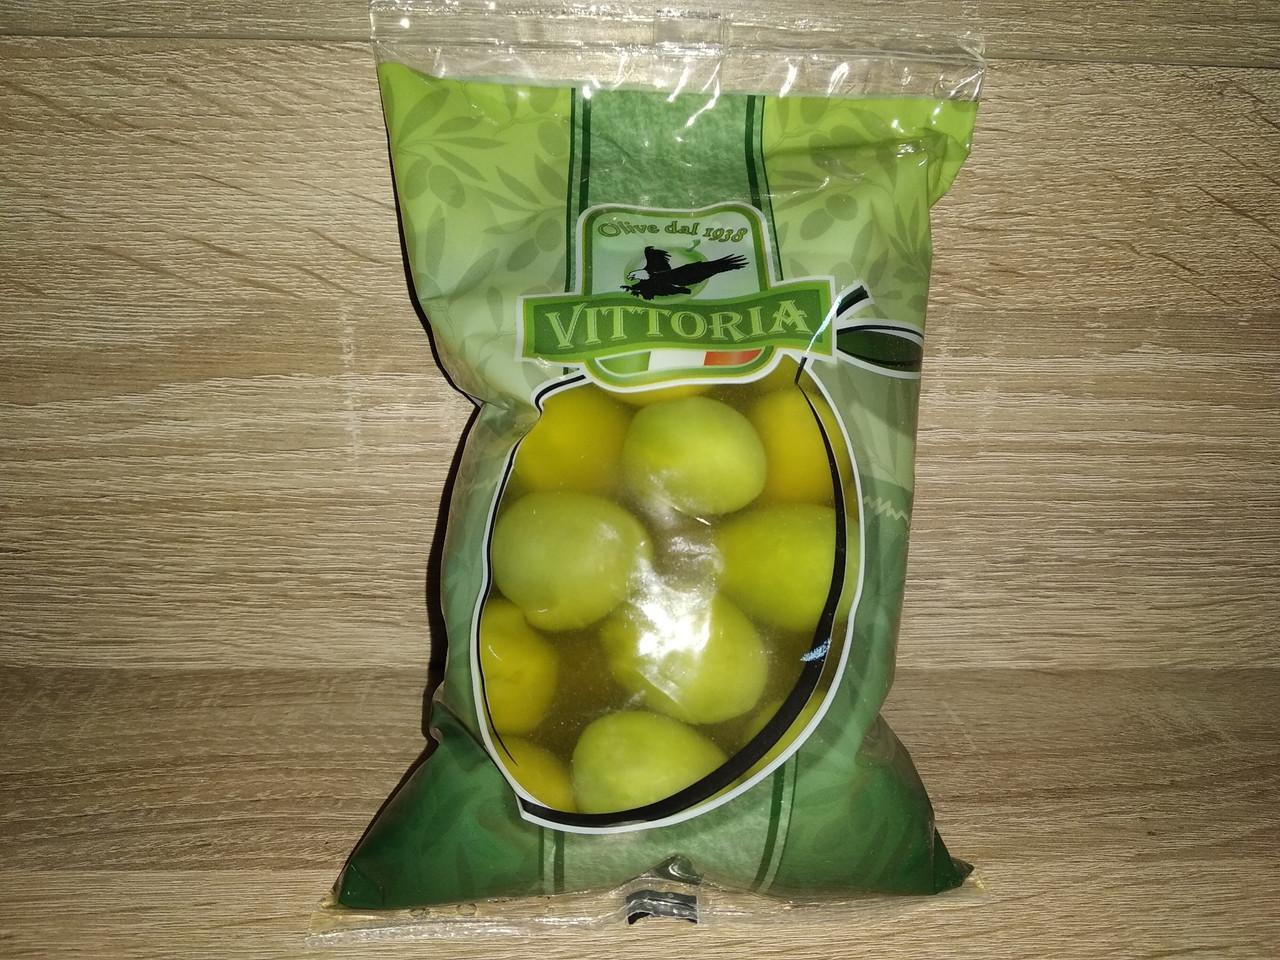 Оливки з кісточкою Olive dal 1938 Vittoria 500 гр.